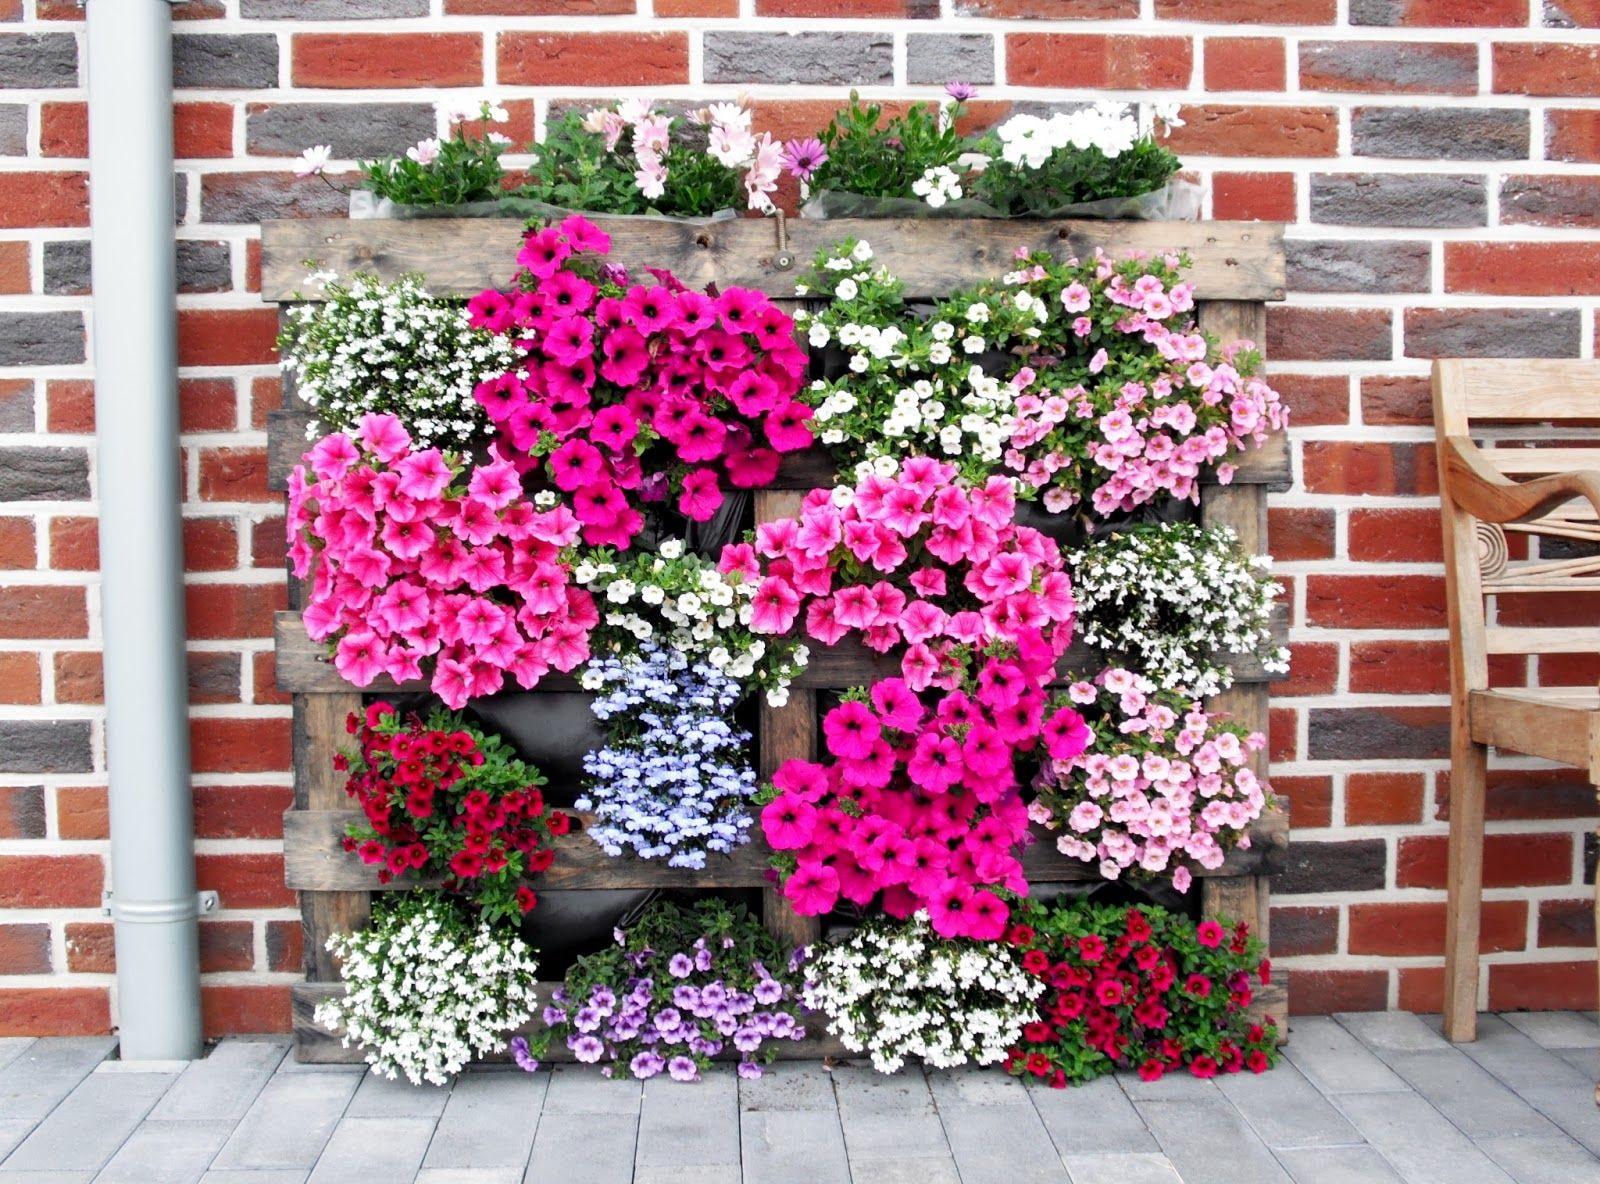 Comment faire un parterre de fleurs vertical ?